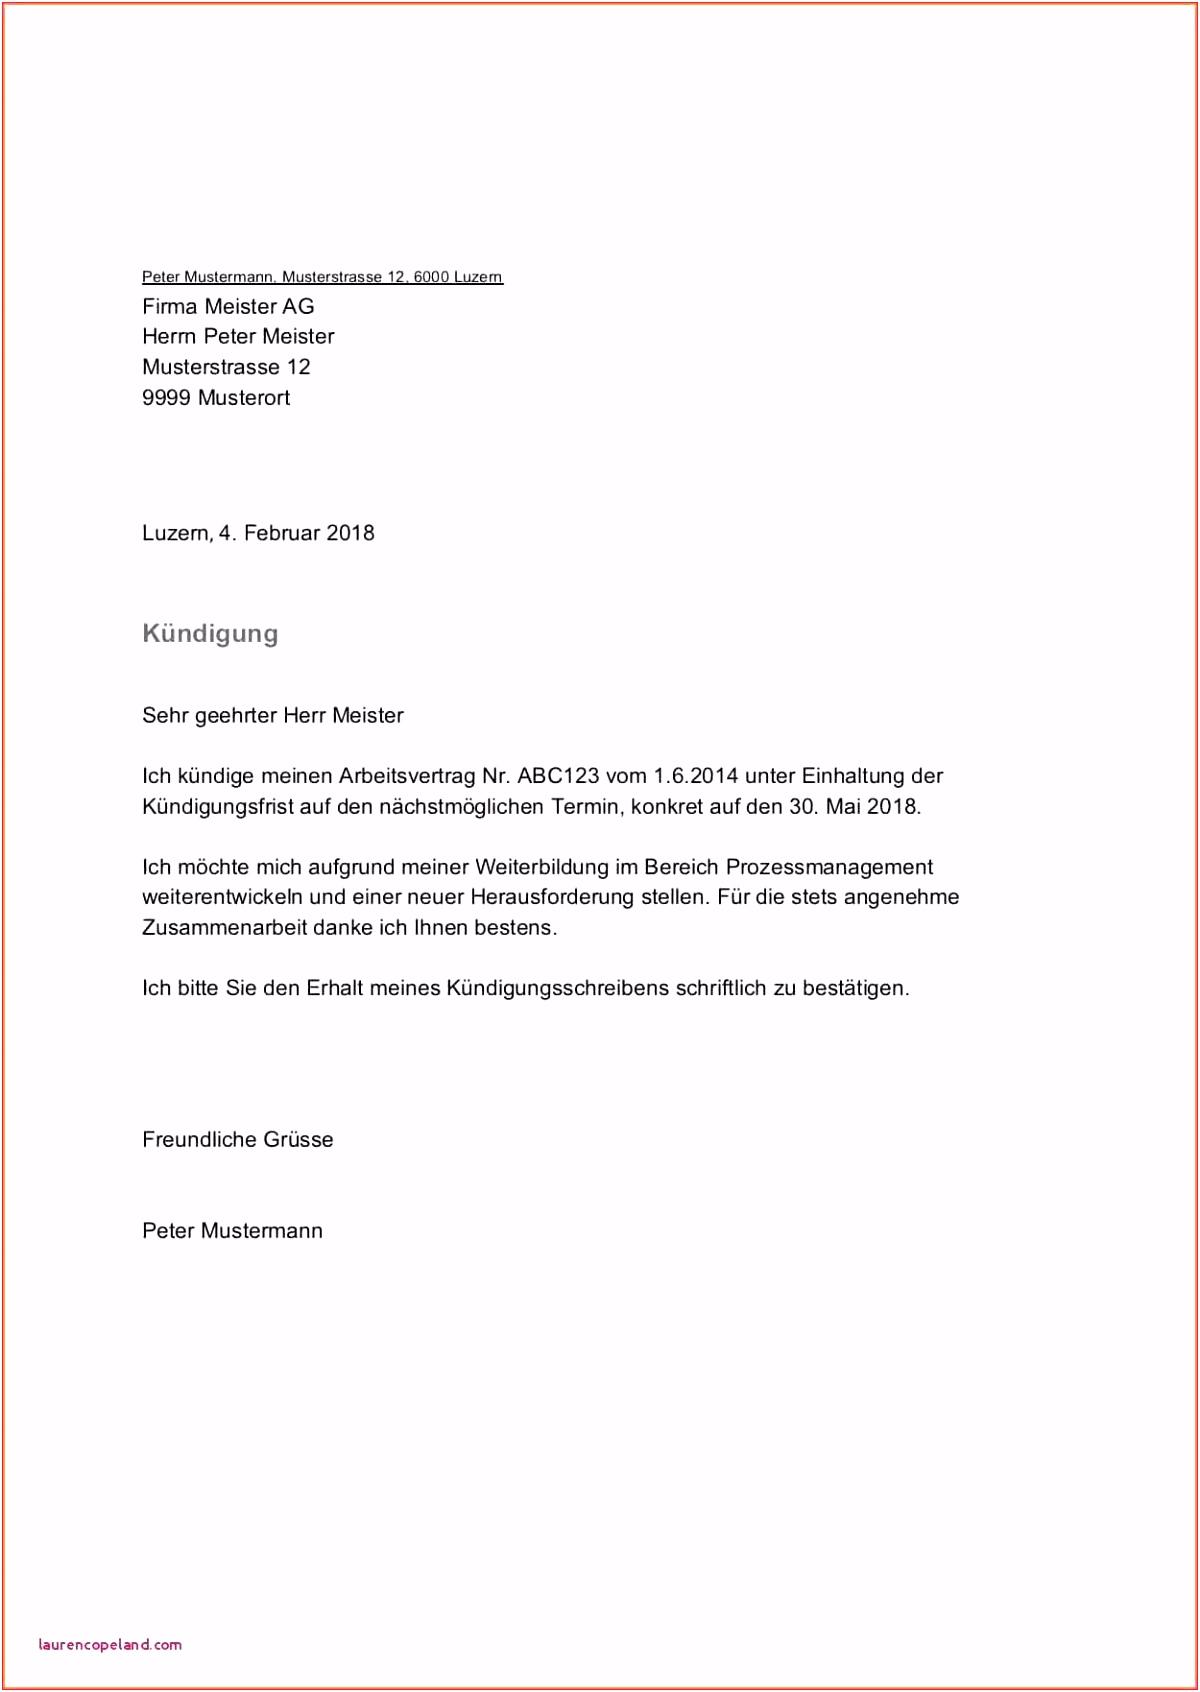 Unitymedia Kundigung Vorlage Umzug Vorlage Kündigung Fitnessstudio